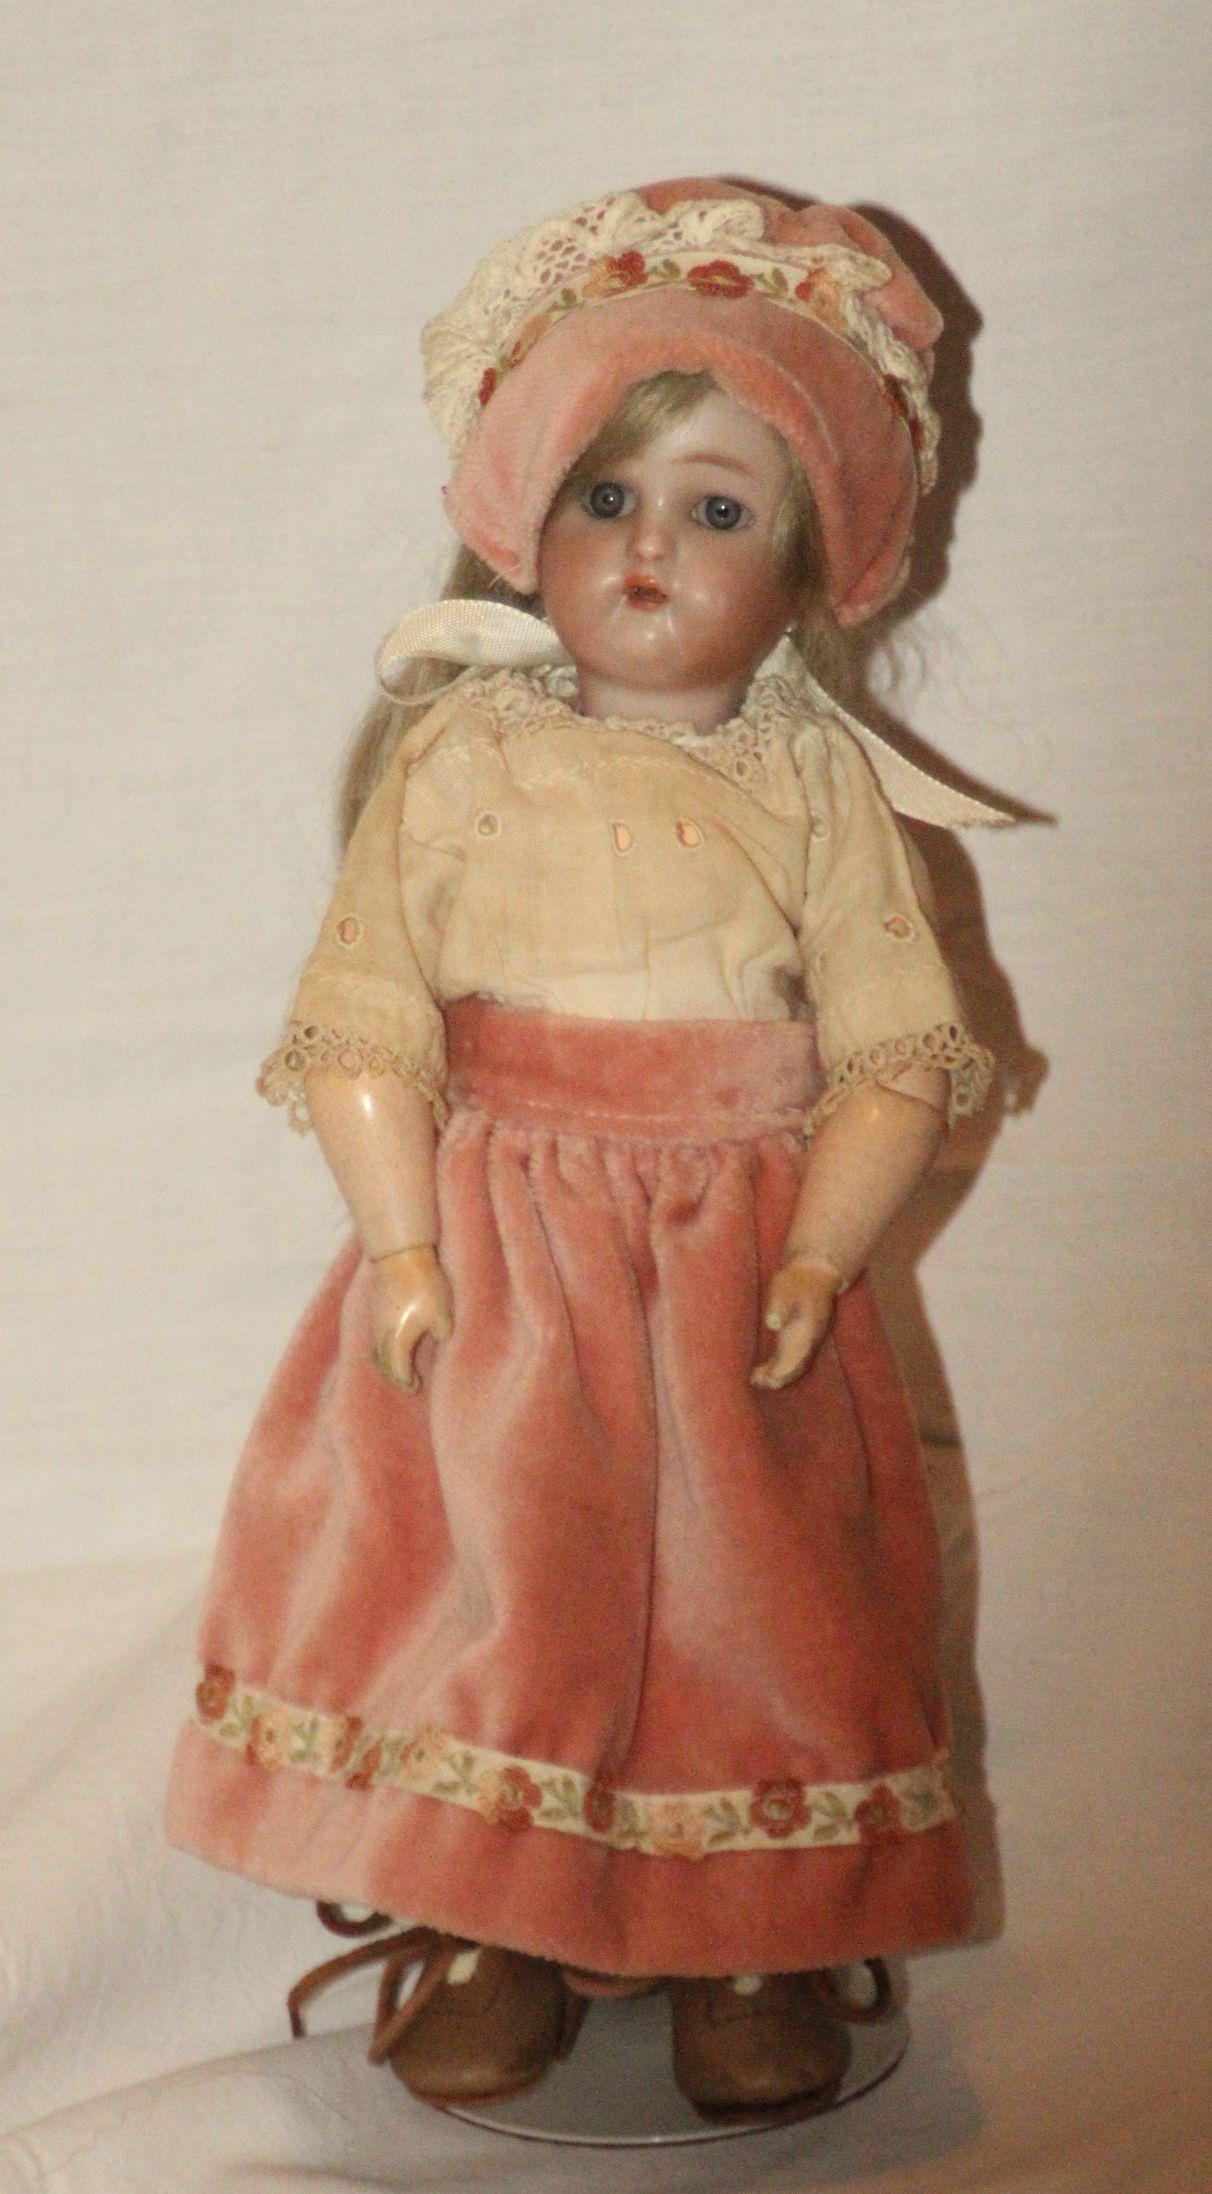 Bambole bambole Lista di di antiche porcellana b6fgvy7IY